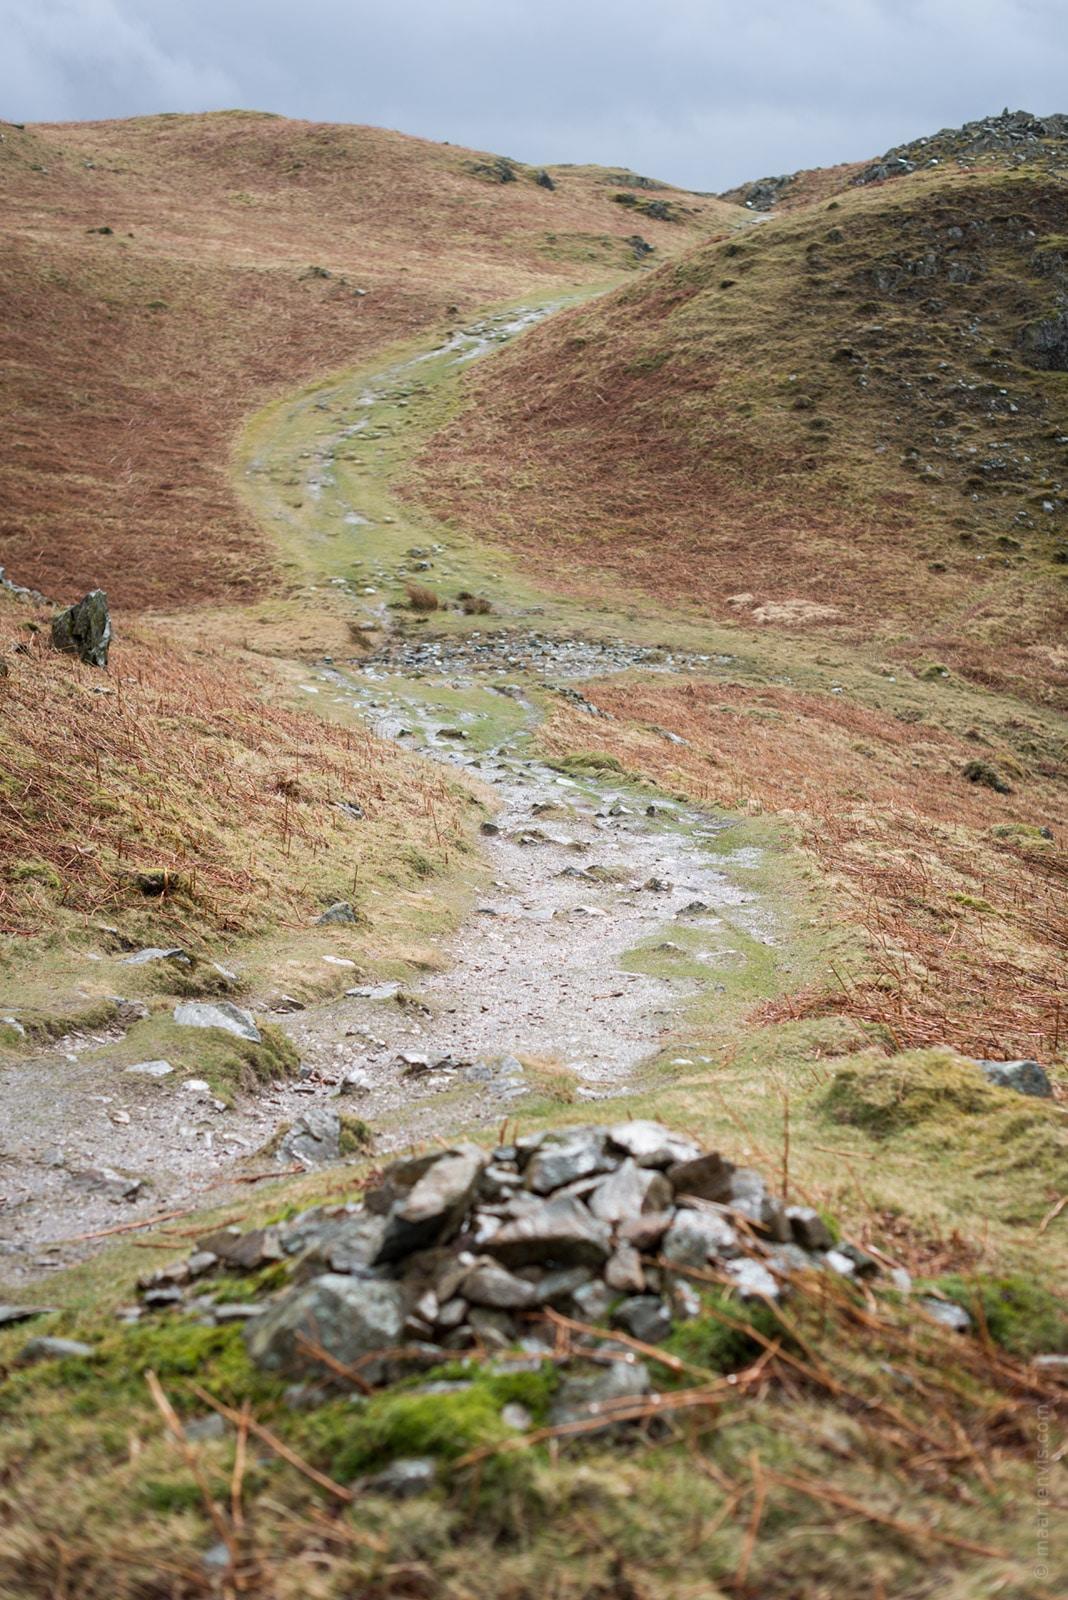 20160327 8661 - Lake District Hiking